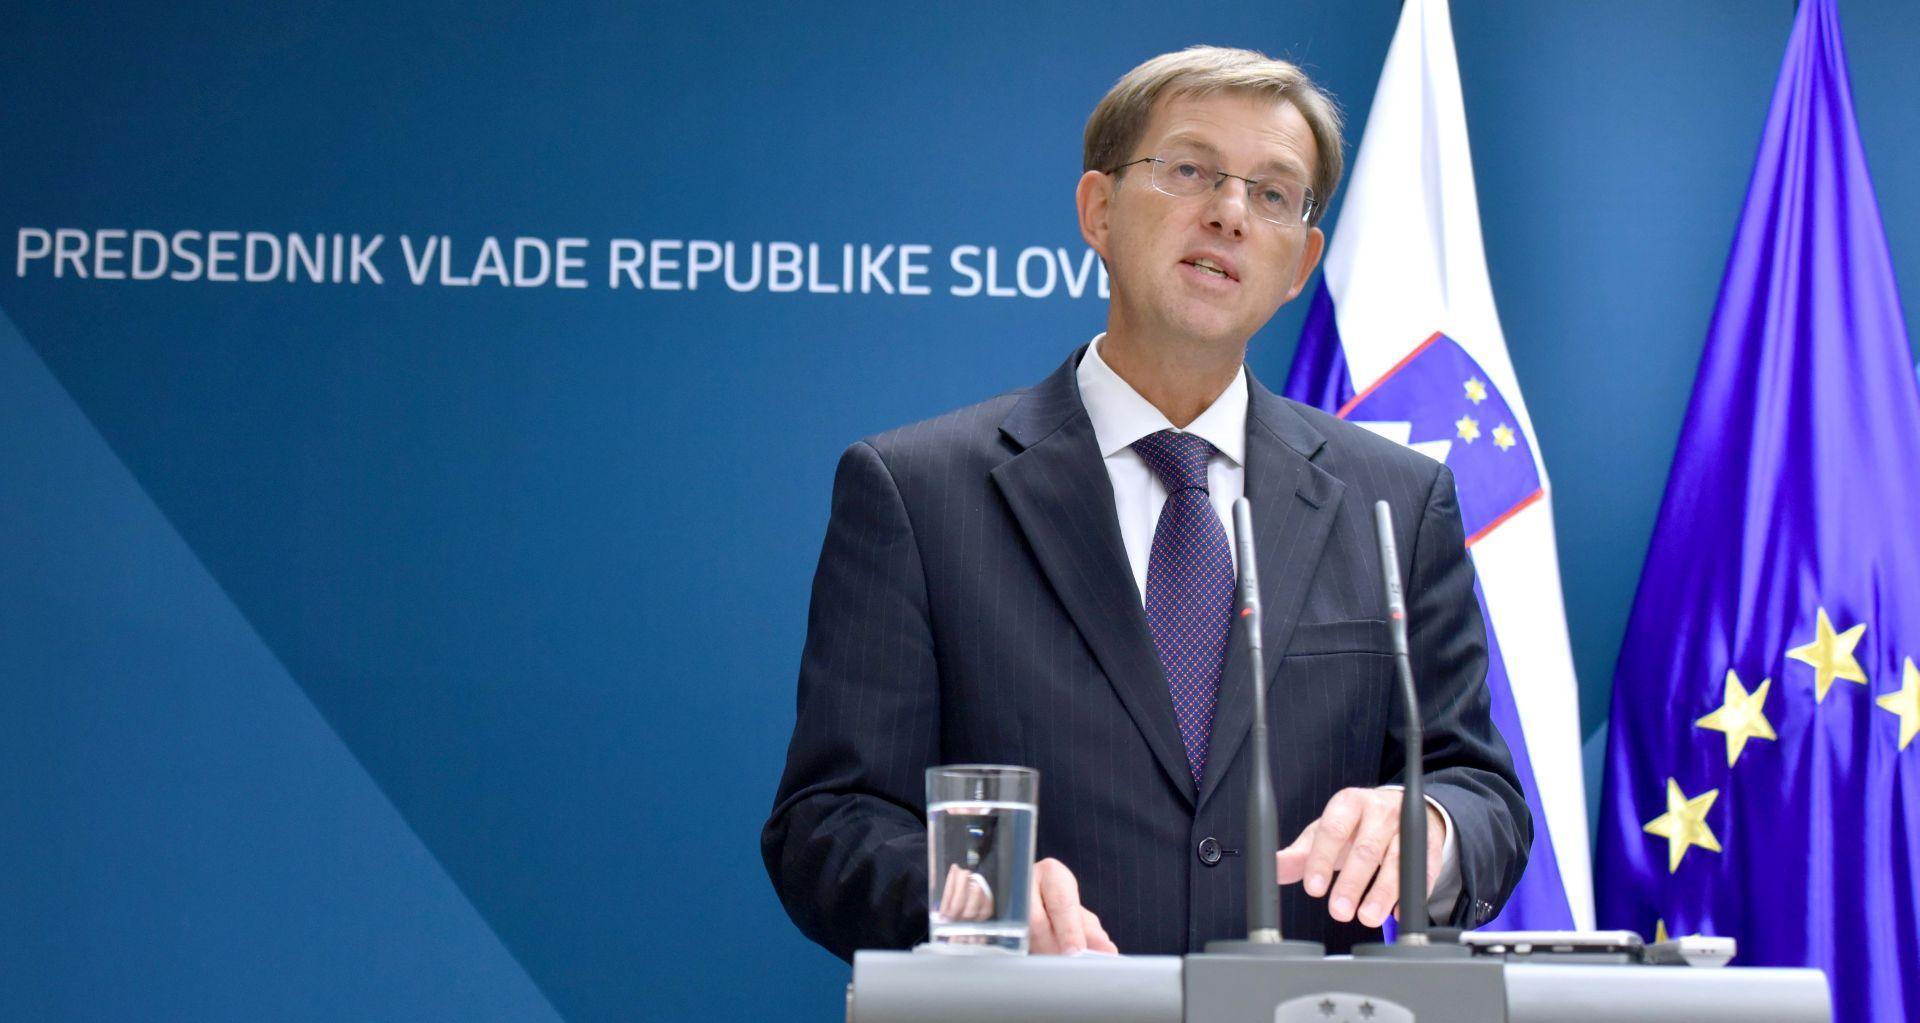 CERAR Slovenci nemaju razloga za uznemirenost, odgovarajuće službe povećale budnost